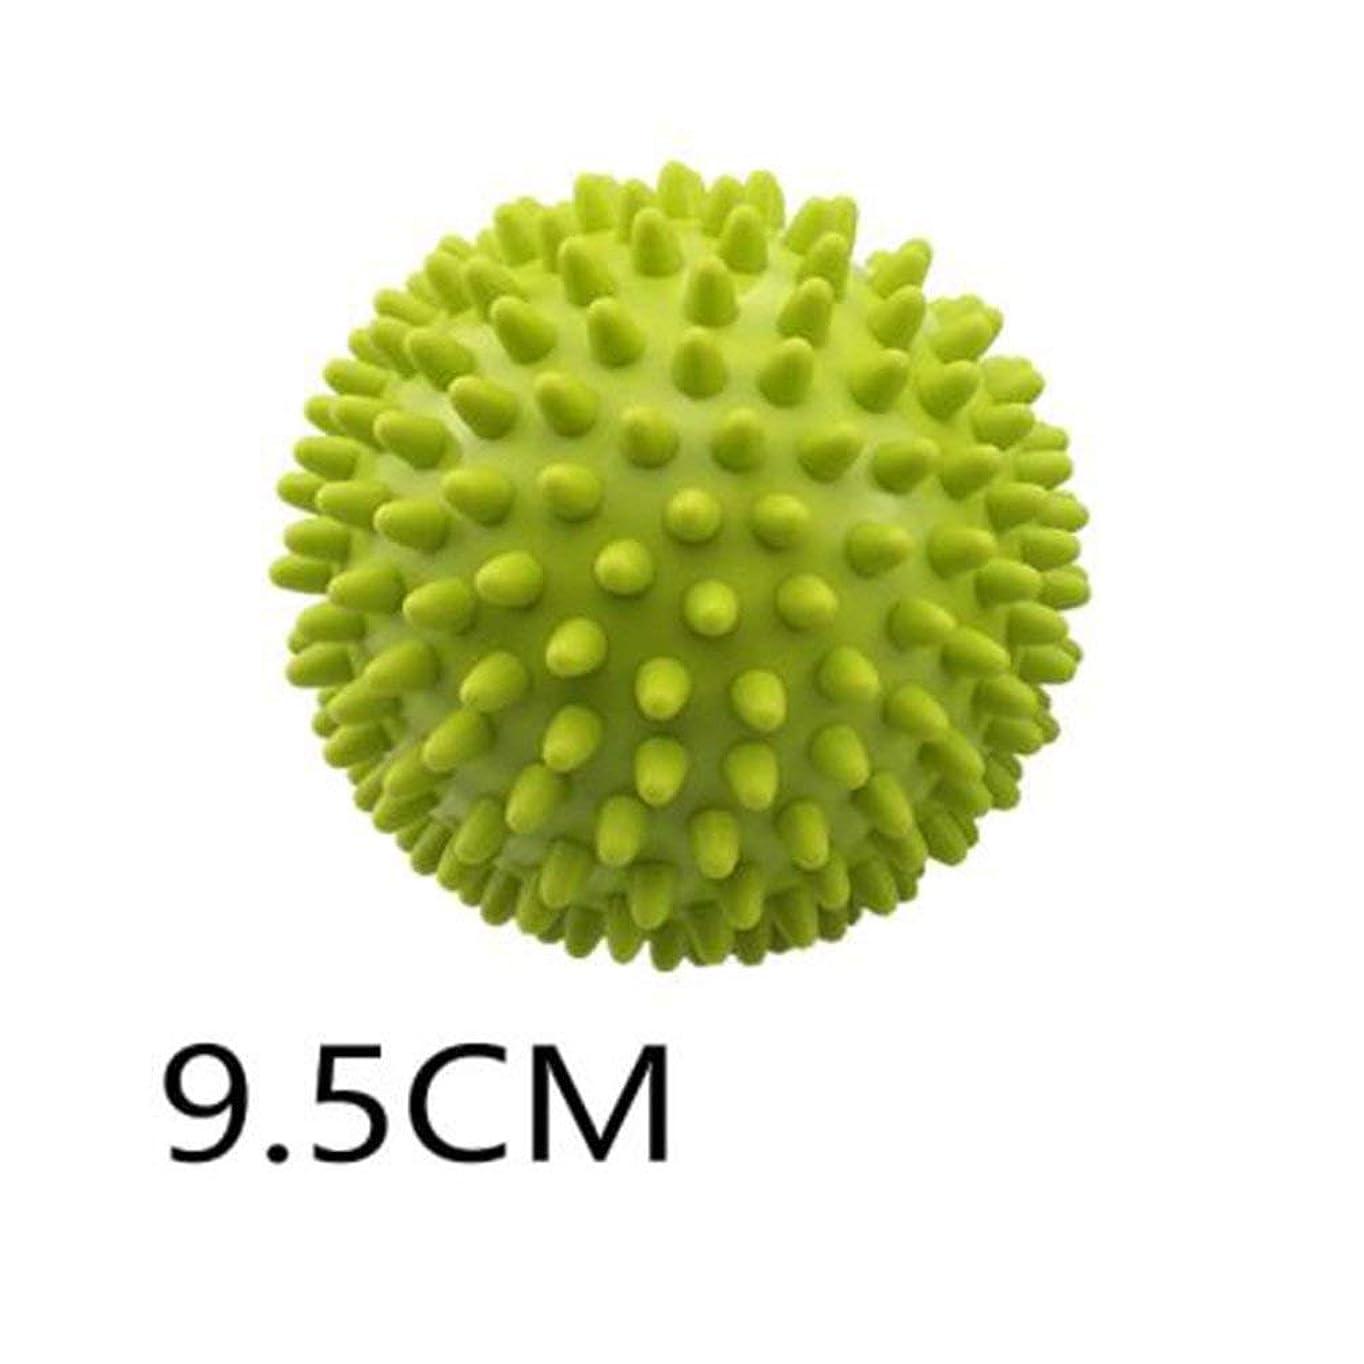 敏感なメトロポリタン大宇宙とげのボール - グリーン